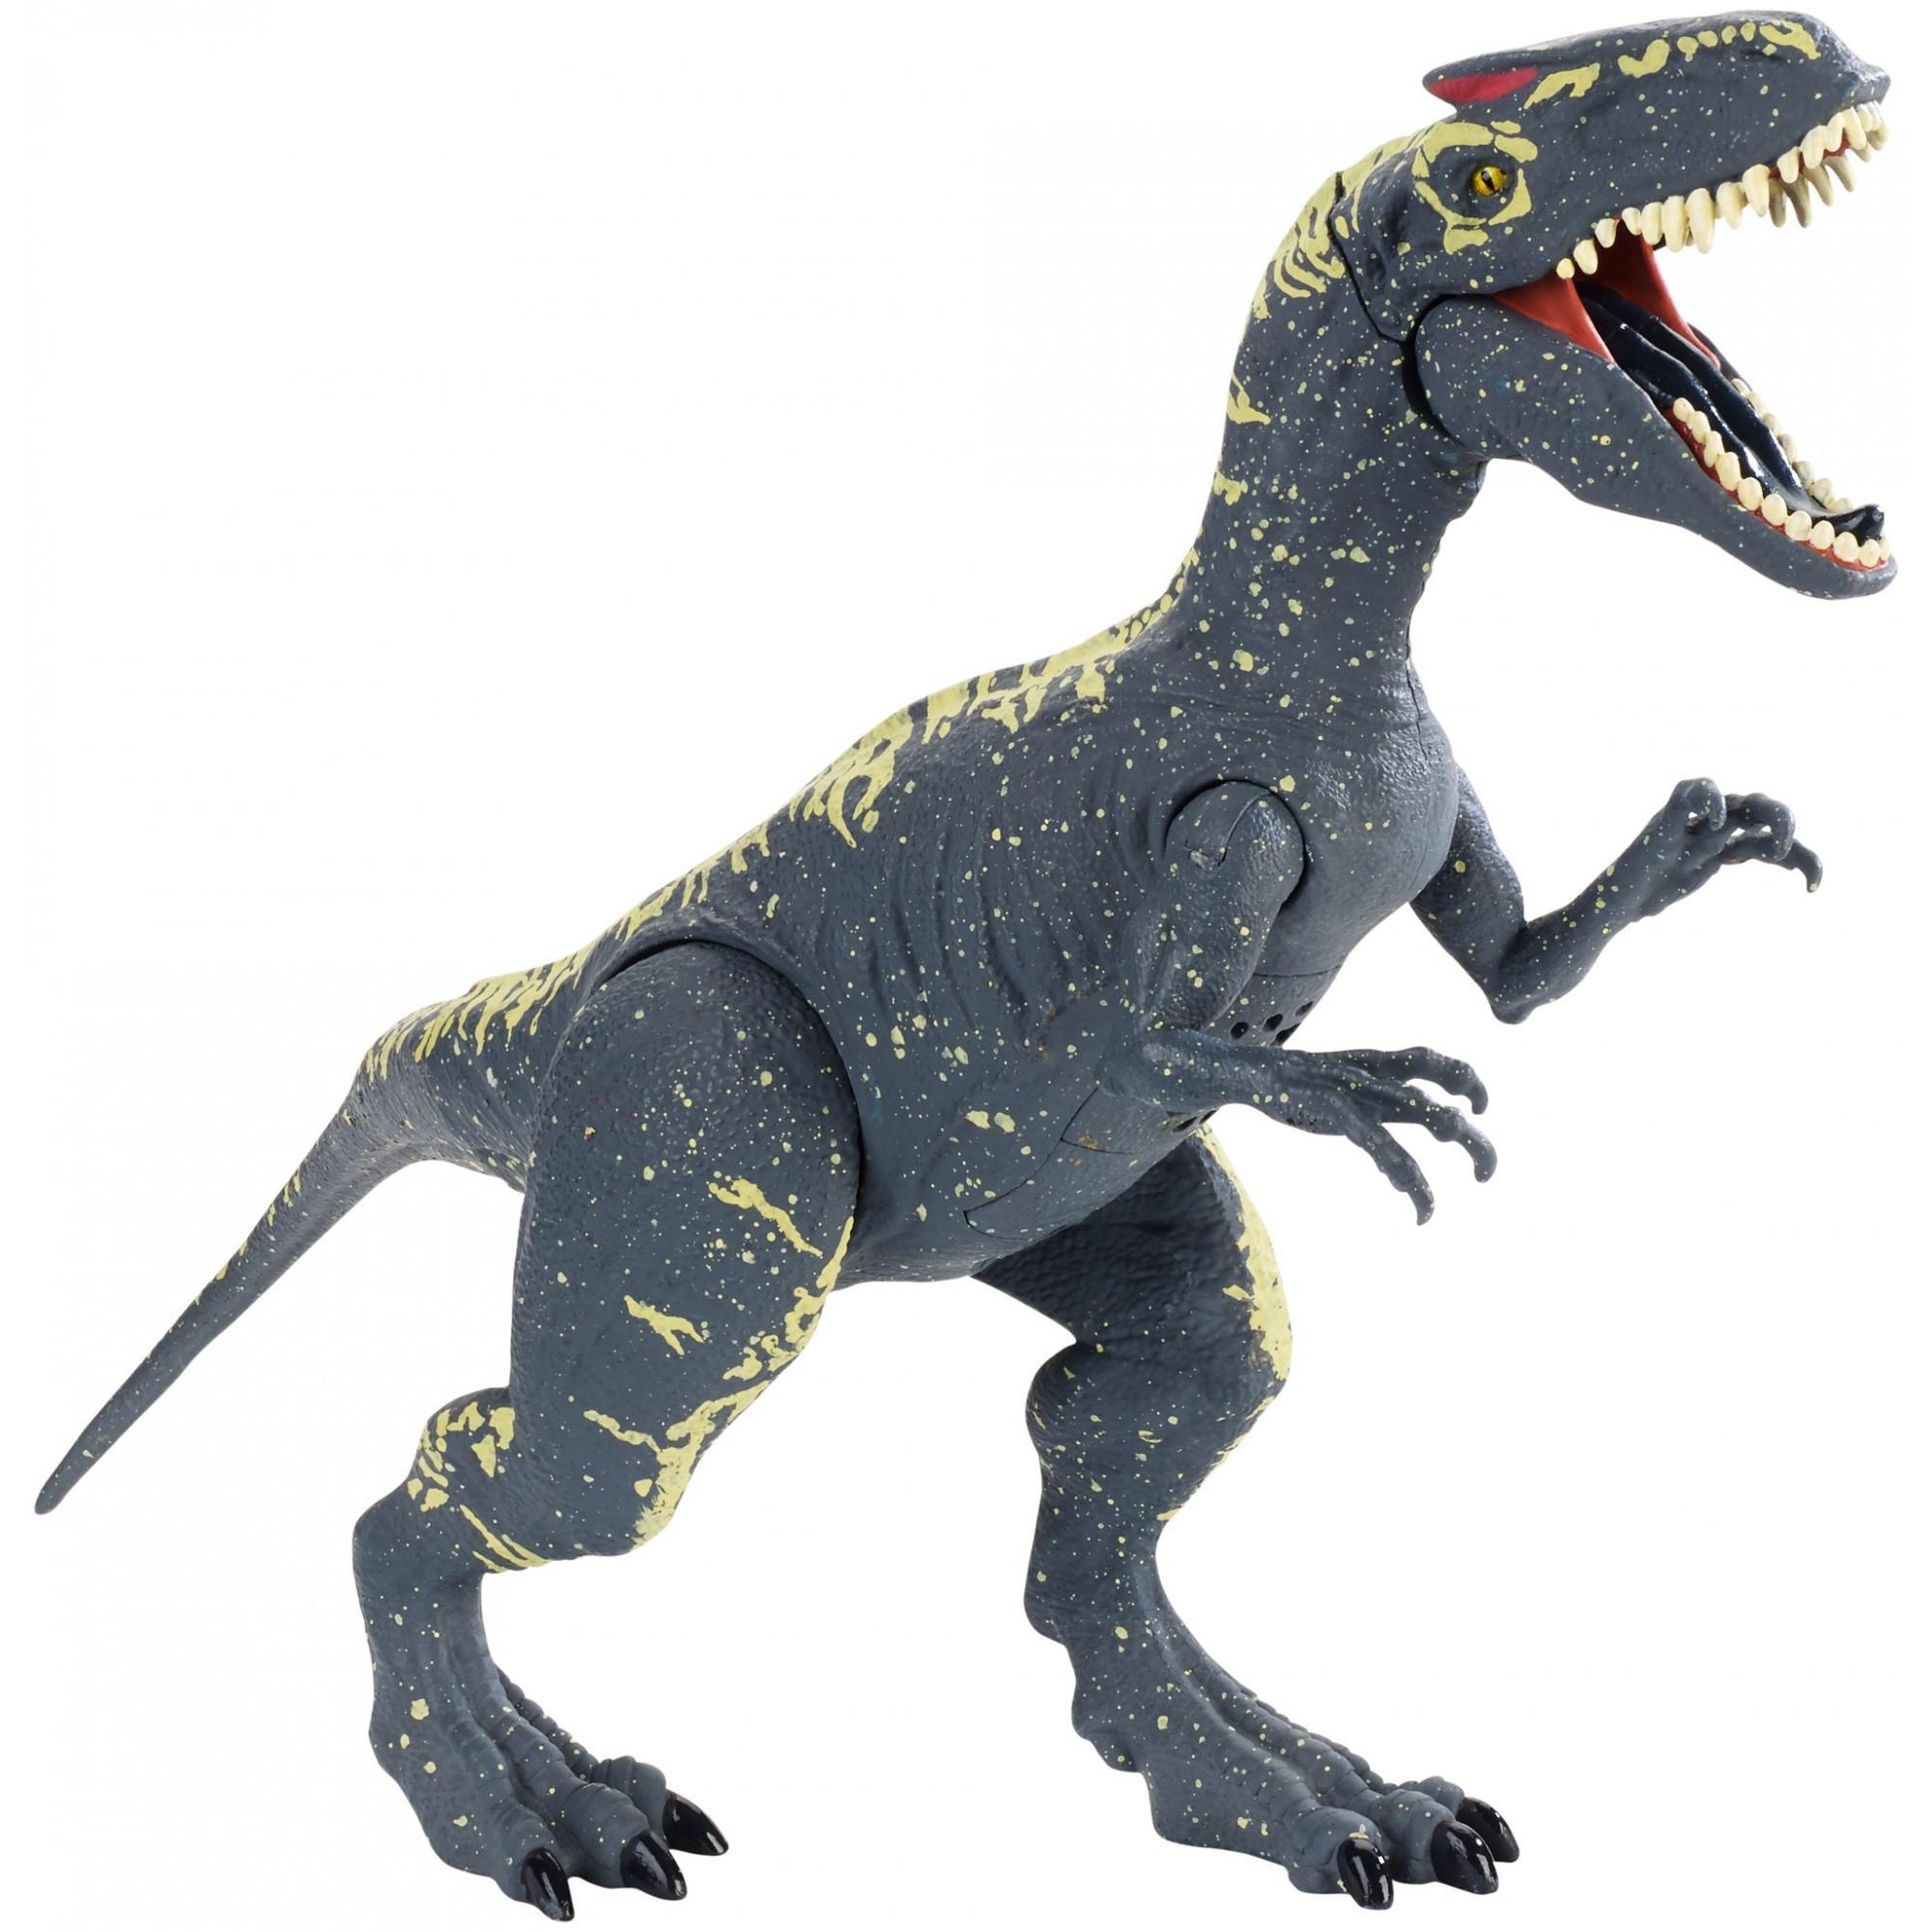 Jurassic World Roarivores Allosaurus Dinosaur Action Figure